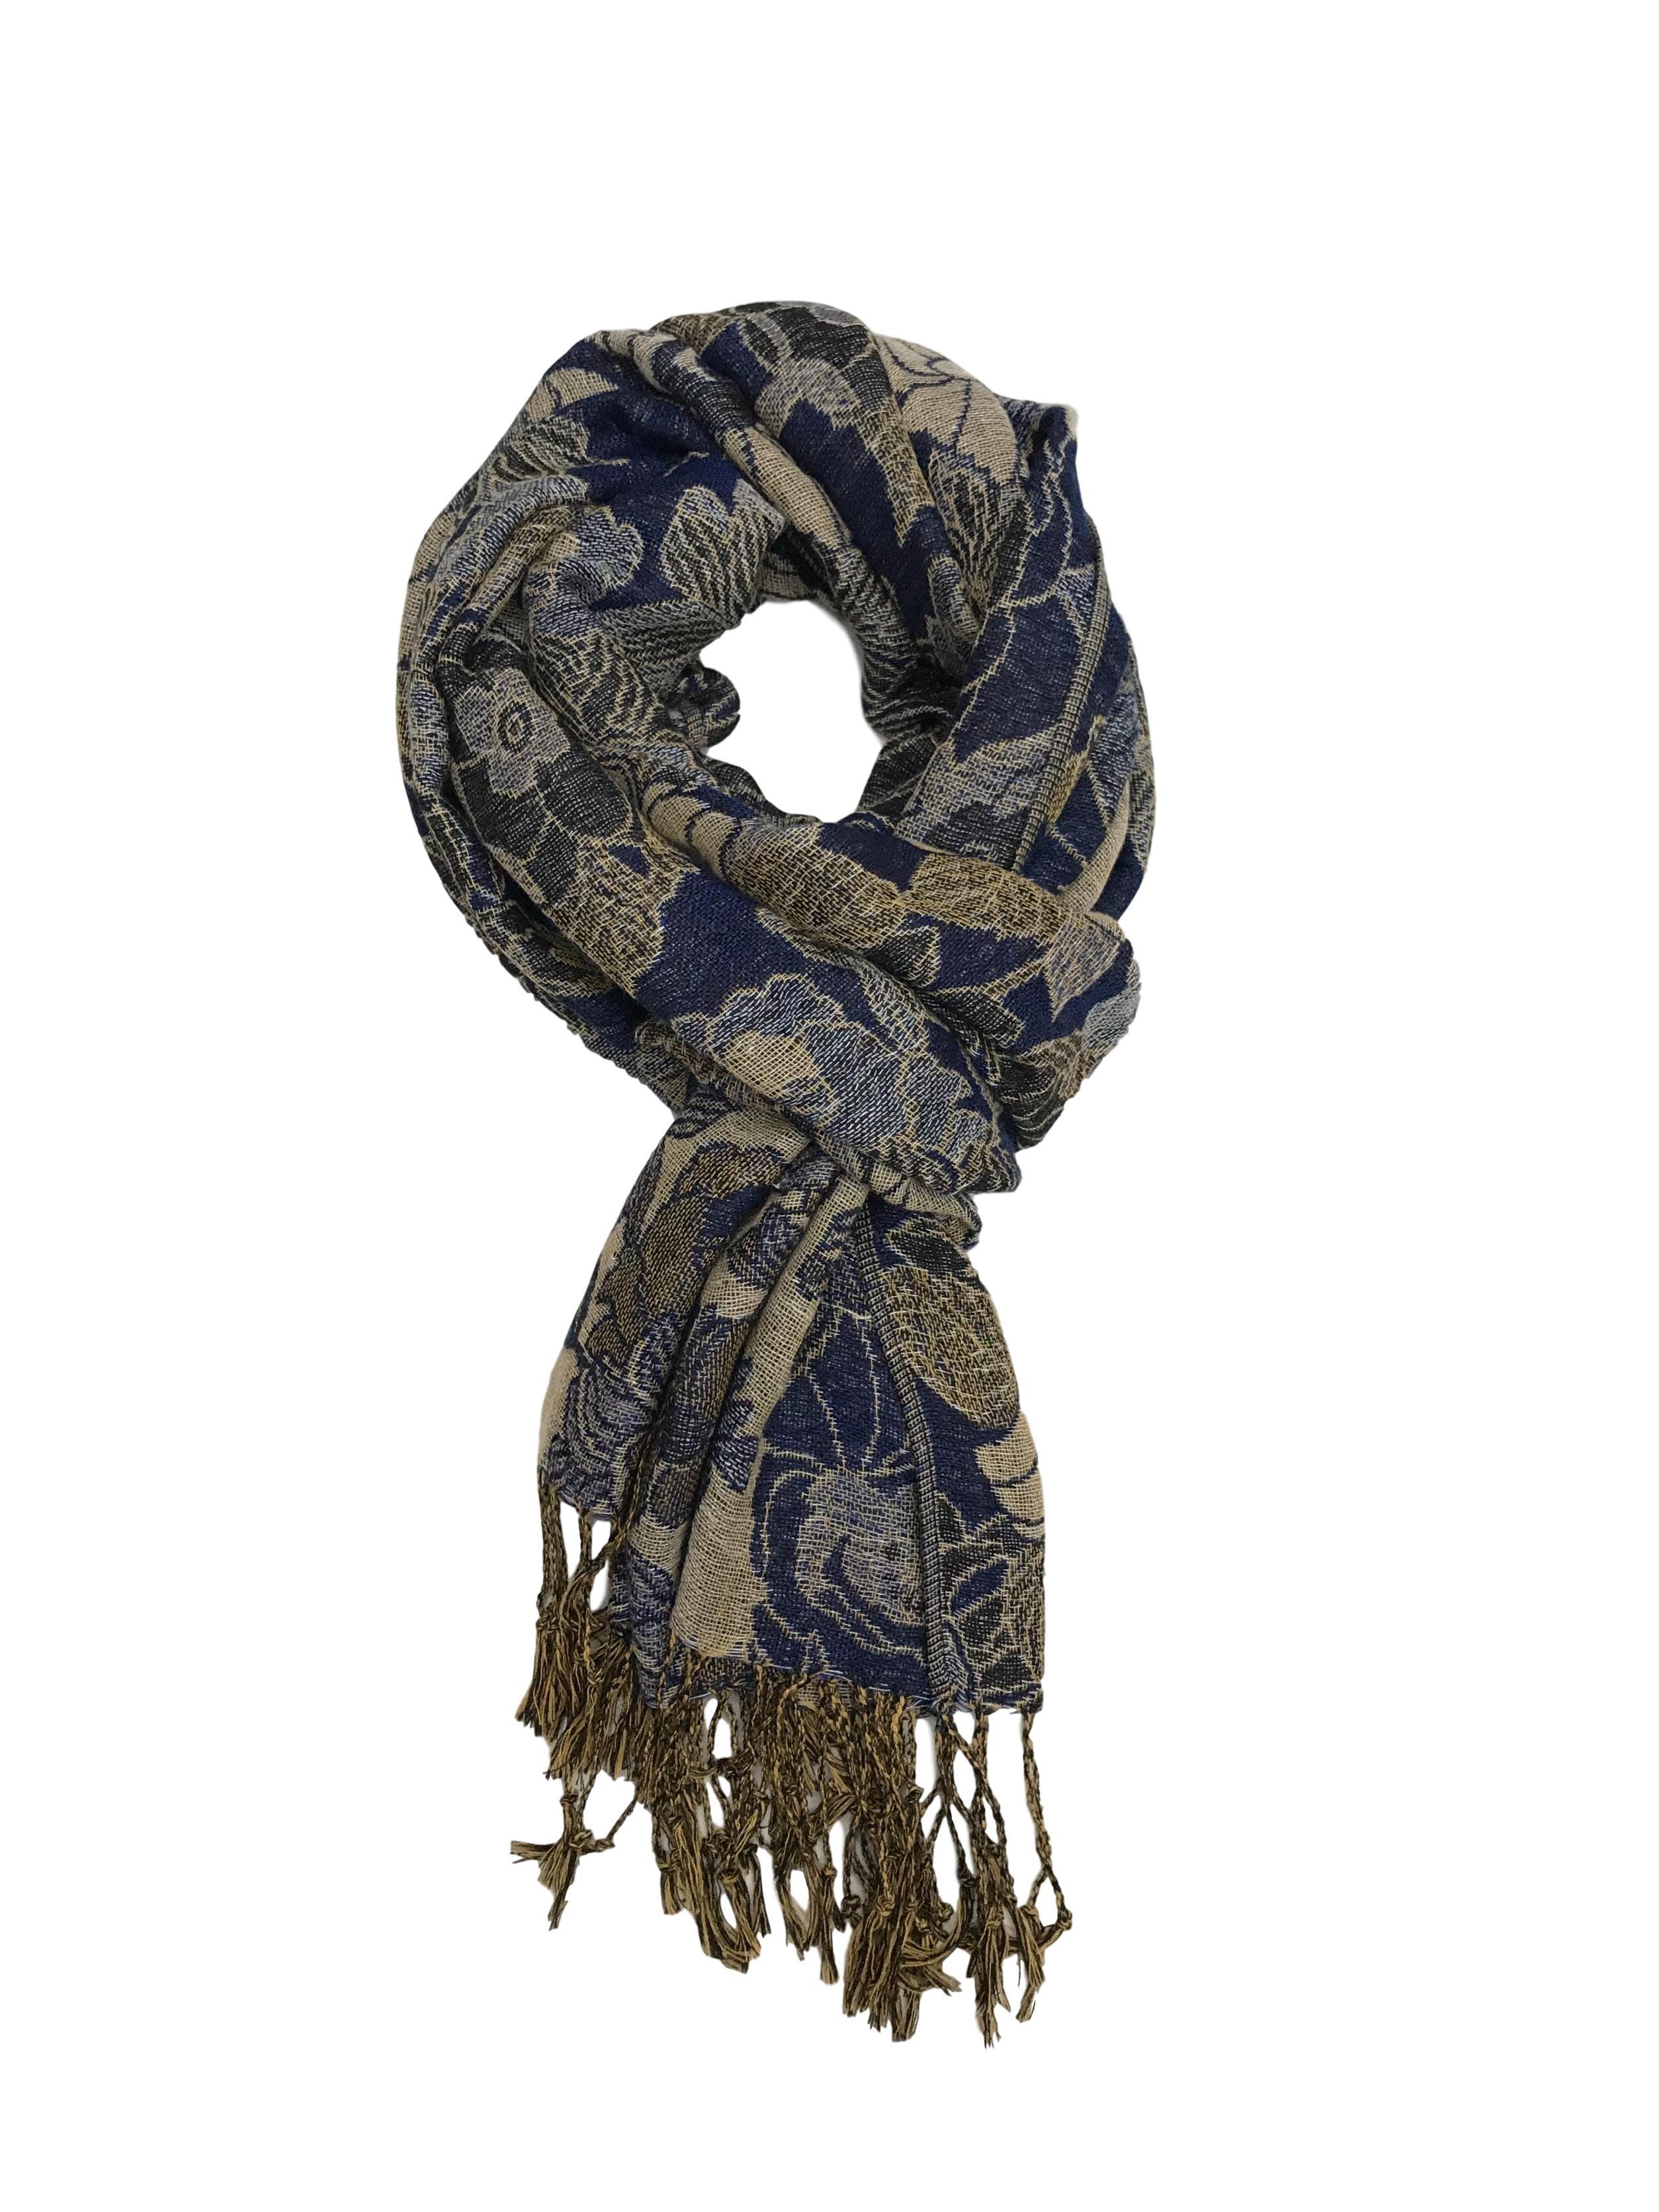 Bufanda en tonos beige y azul con flecos. Medidas 172x72cm